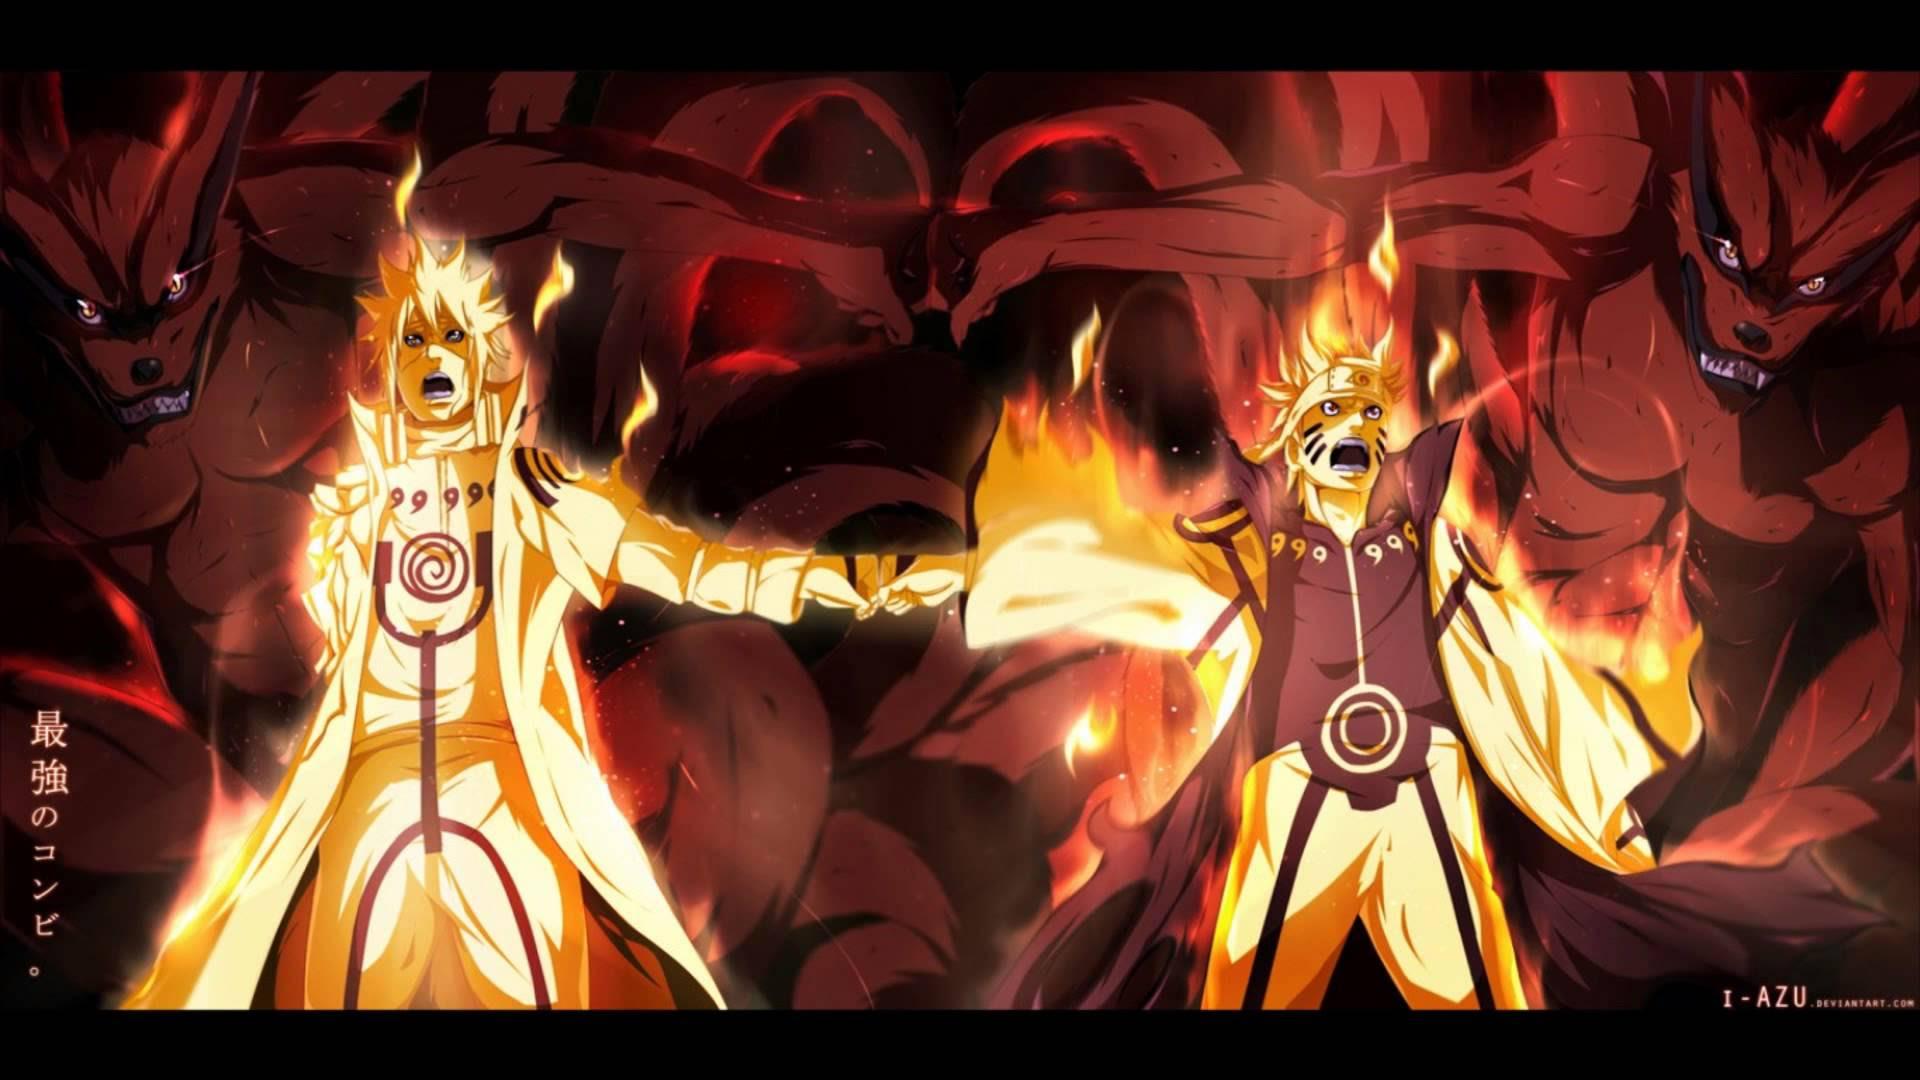 Naruto Wallpapers Hd 2017 Wallpaper Cave